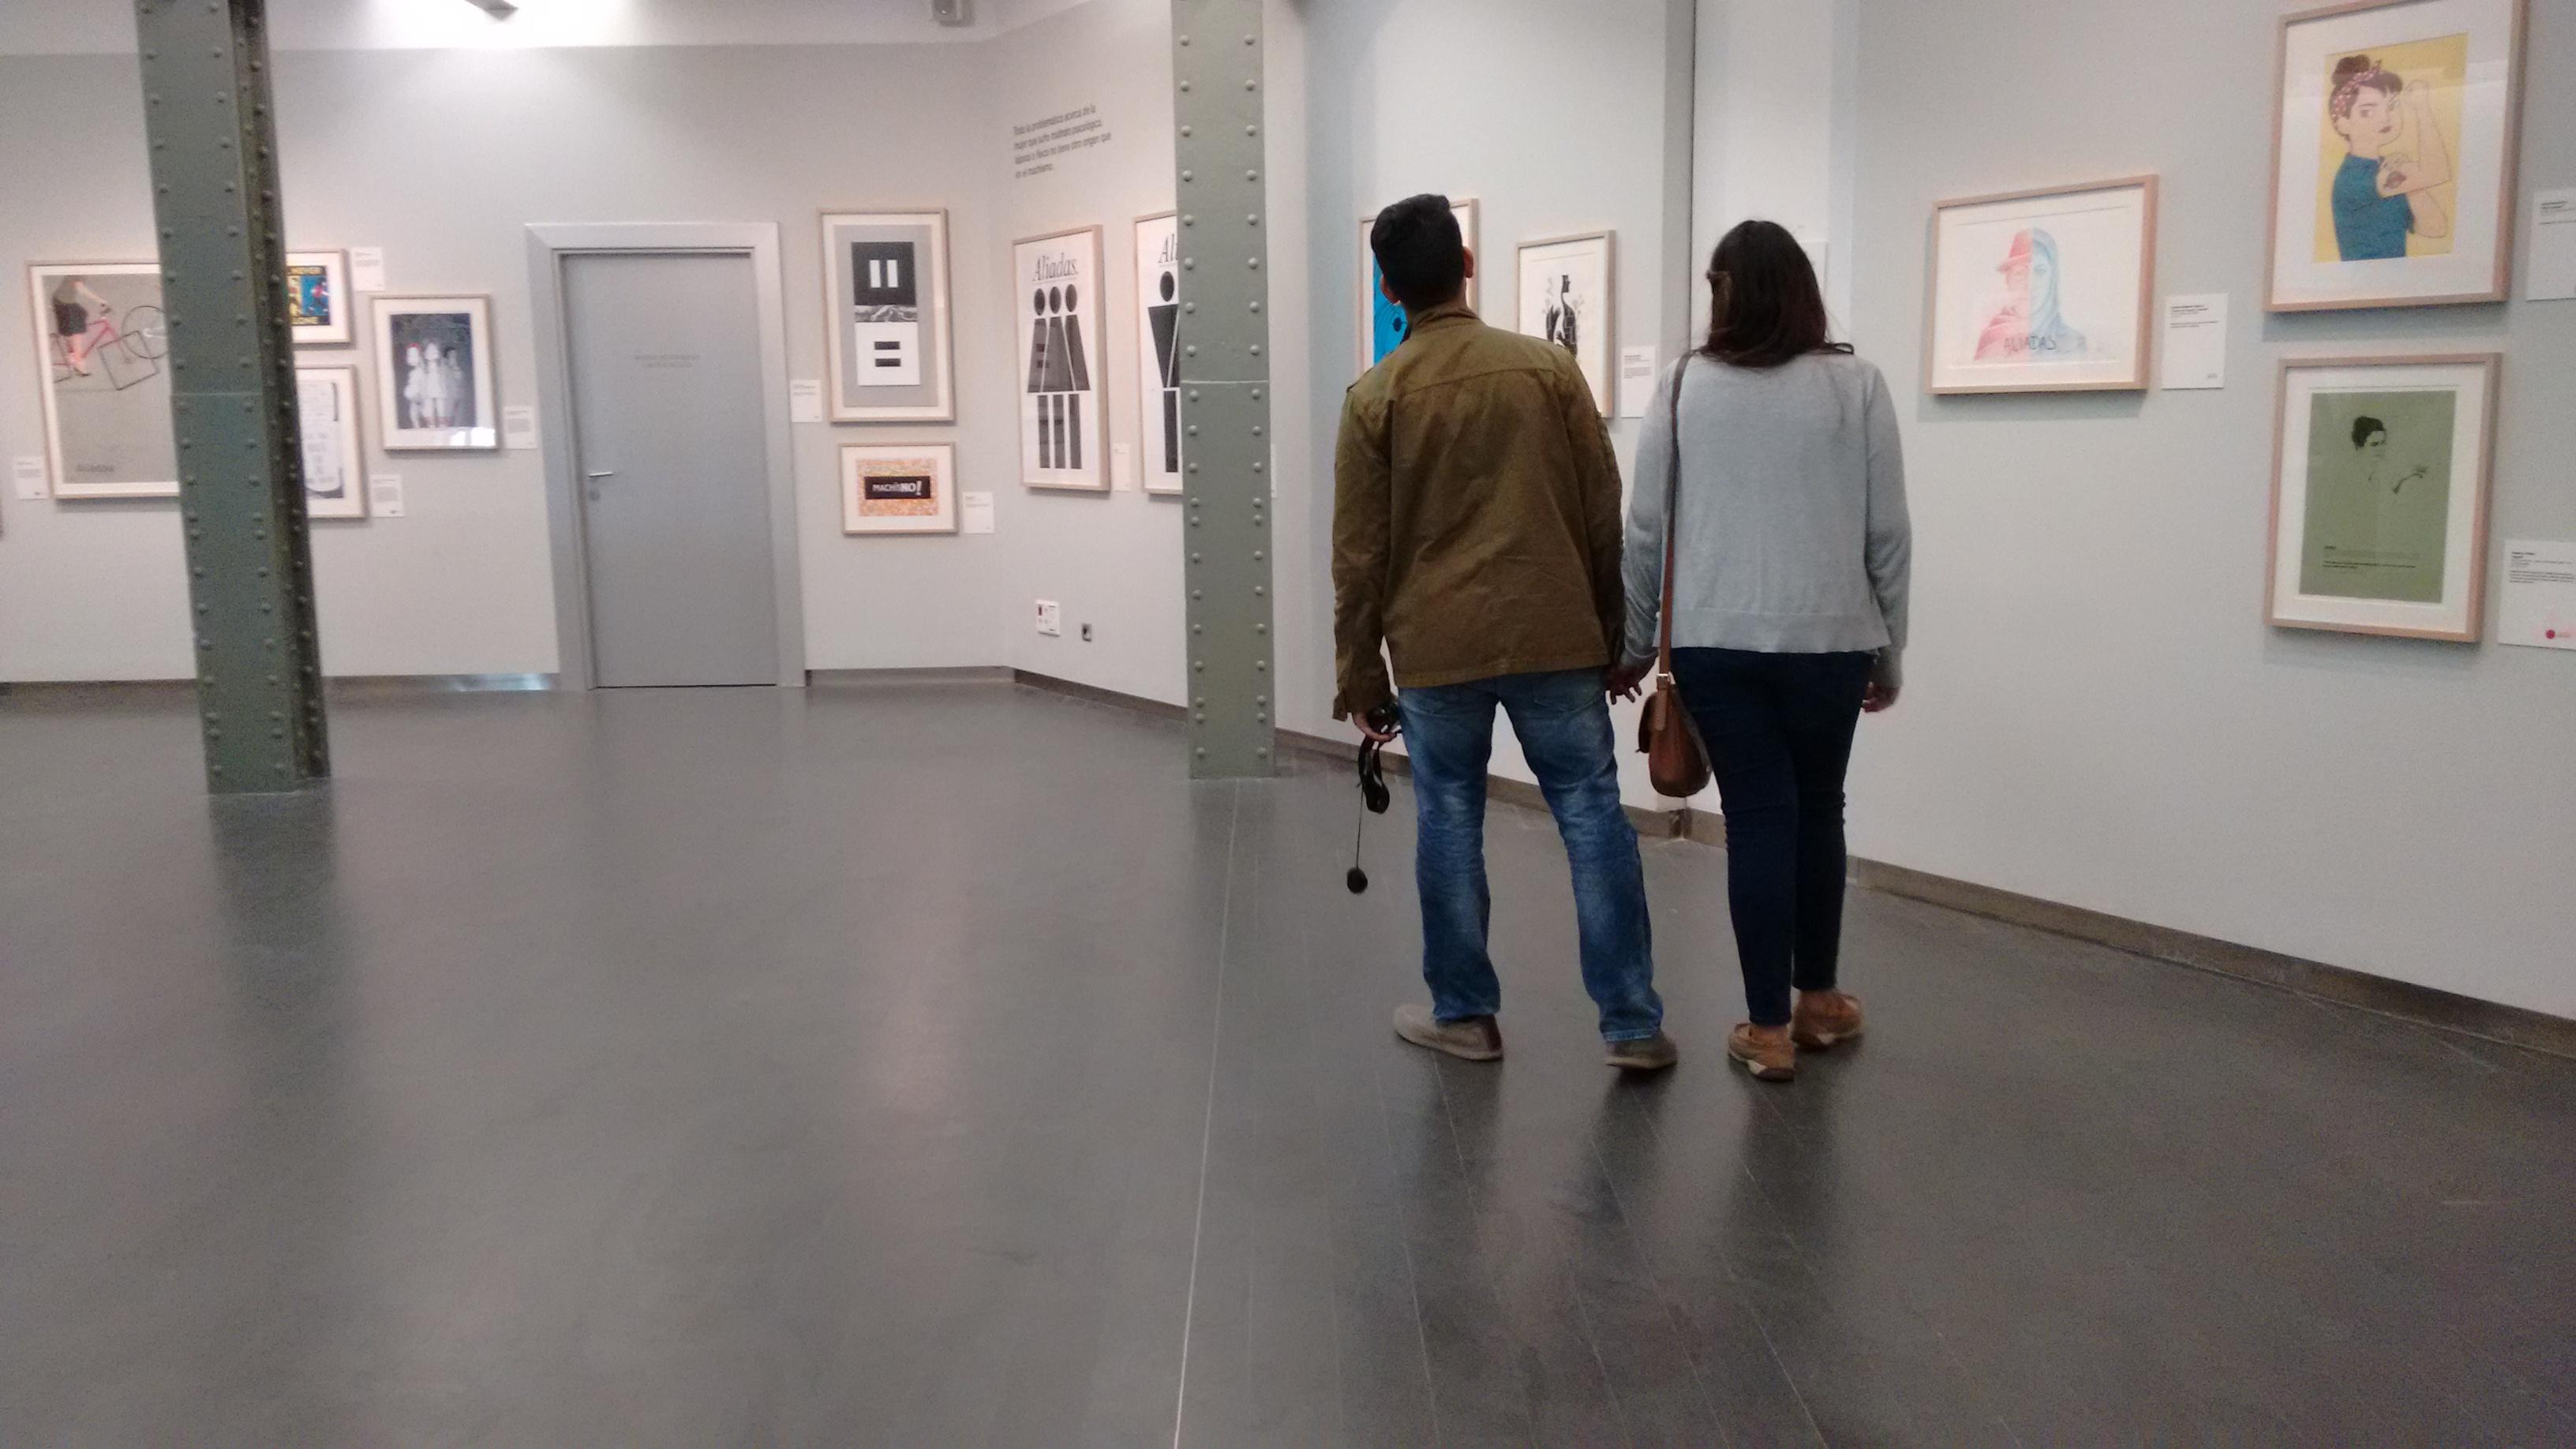 La incredulidad de los turistas que visitan la exposición es habitual. (Foto: OKDIARIO)